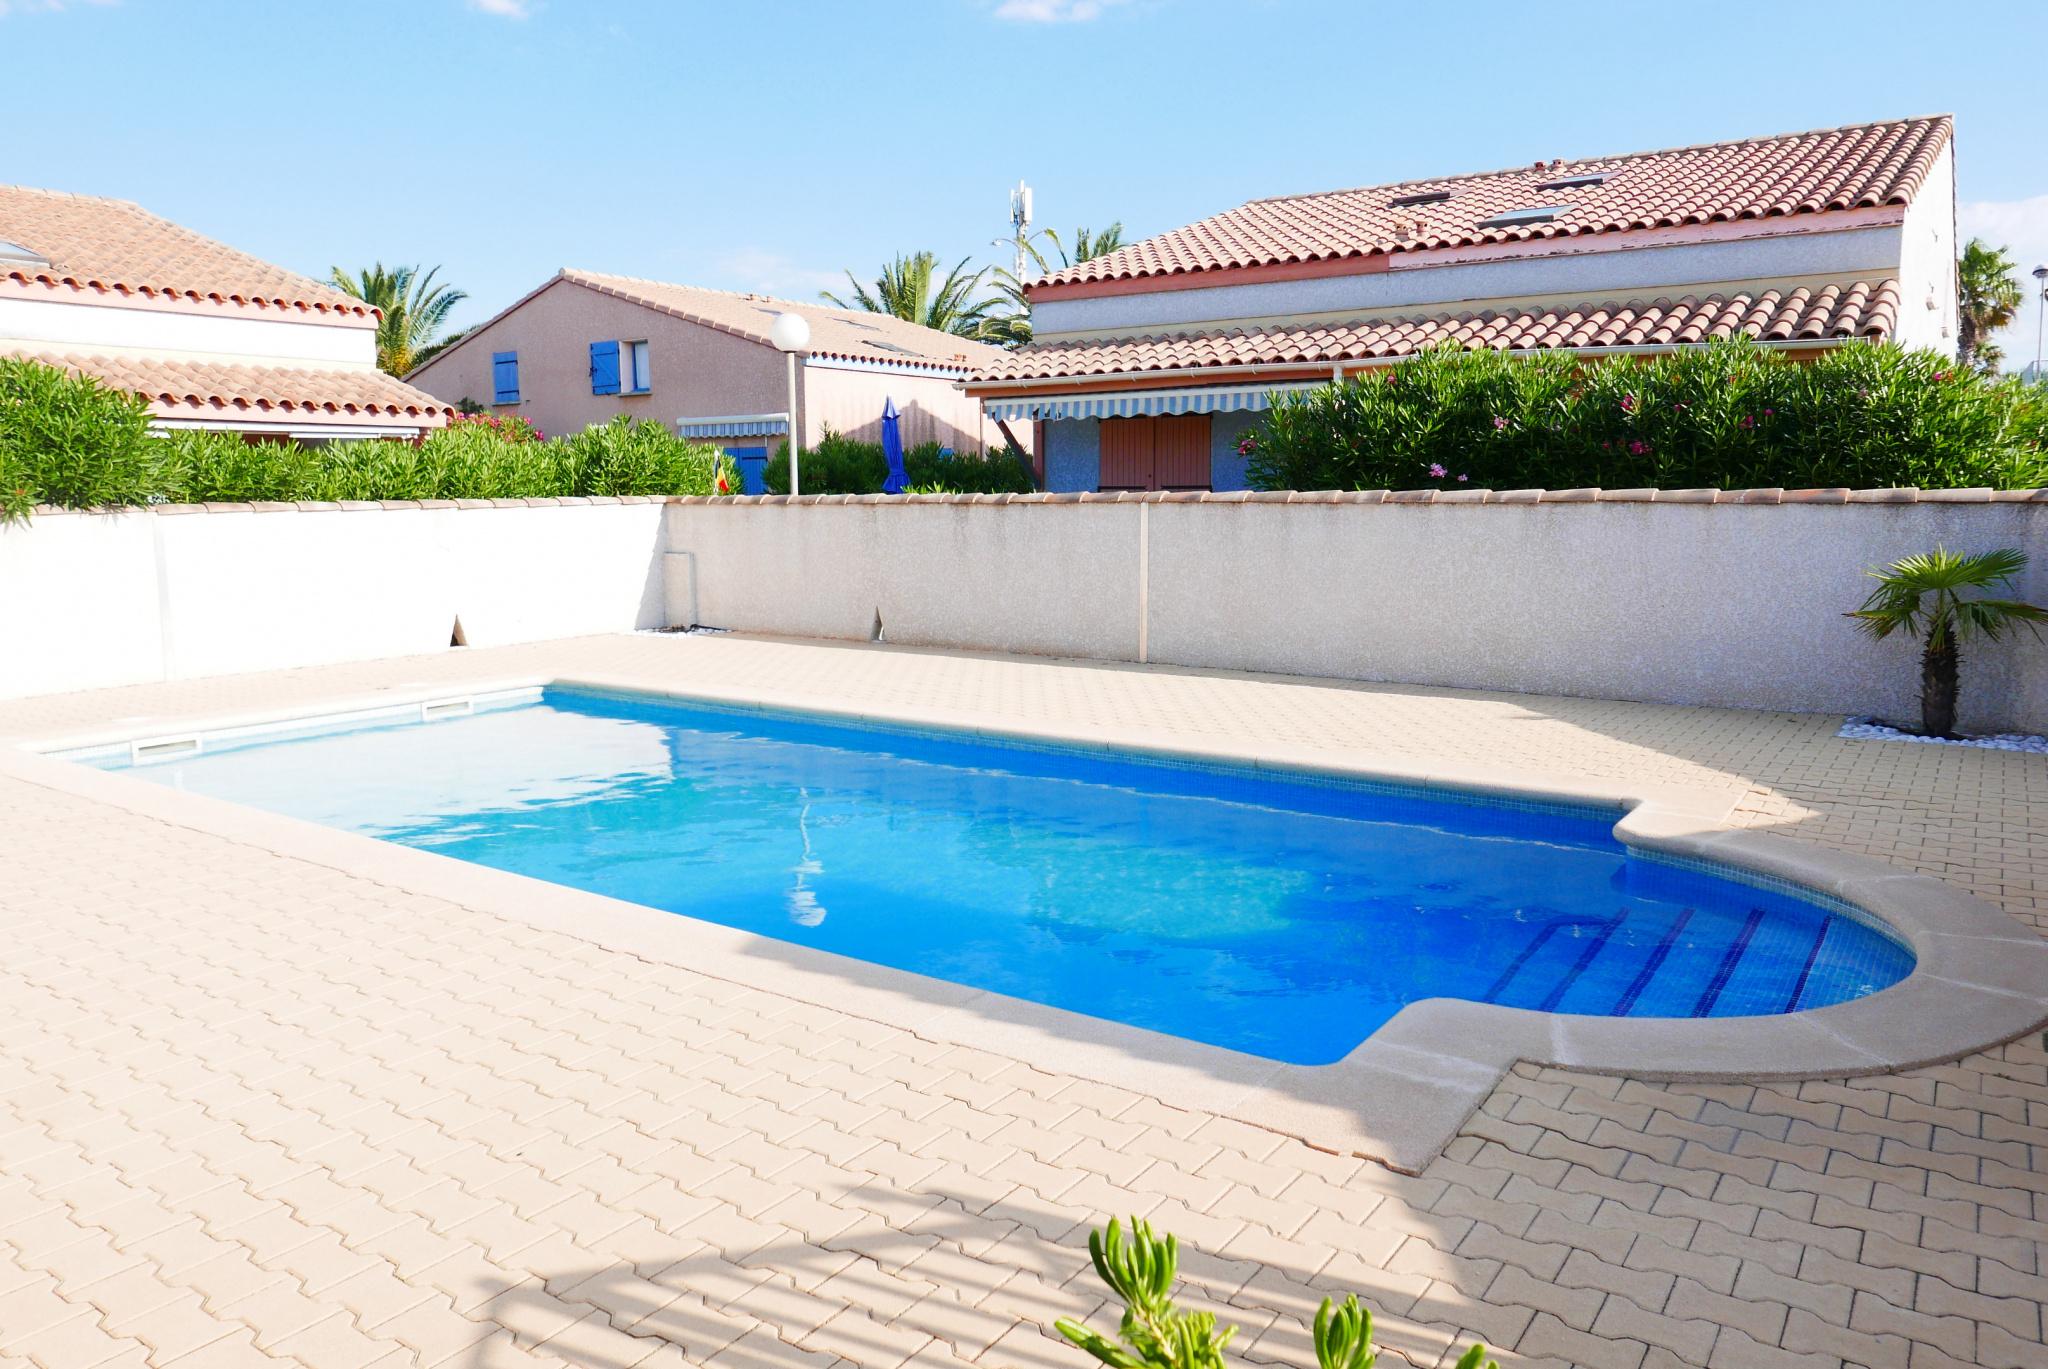 Offres locations vacances maison dans r sidence avec piscine - Residence vacances var avec piscine ...